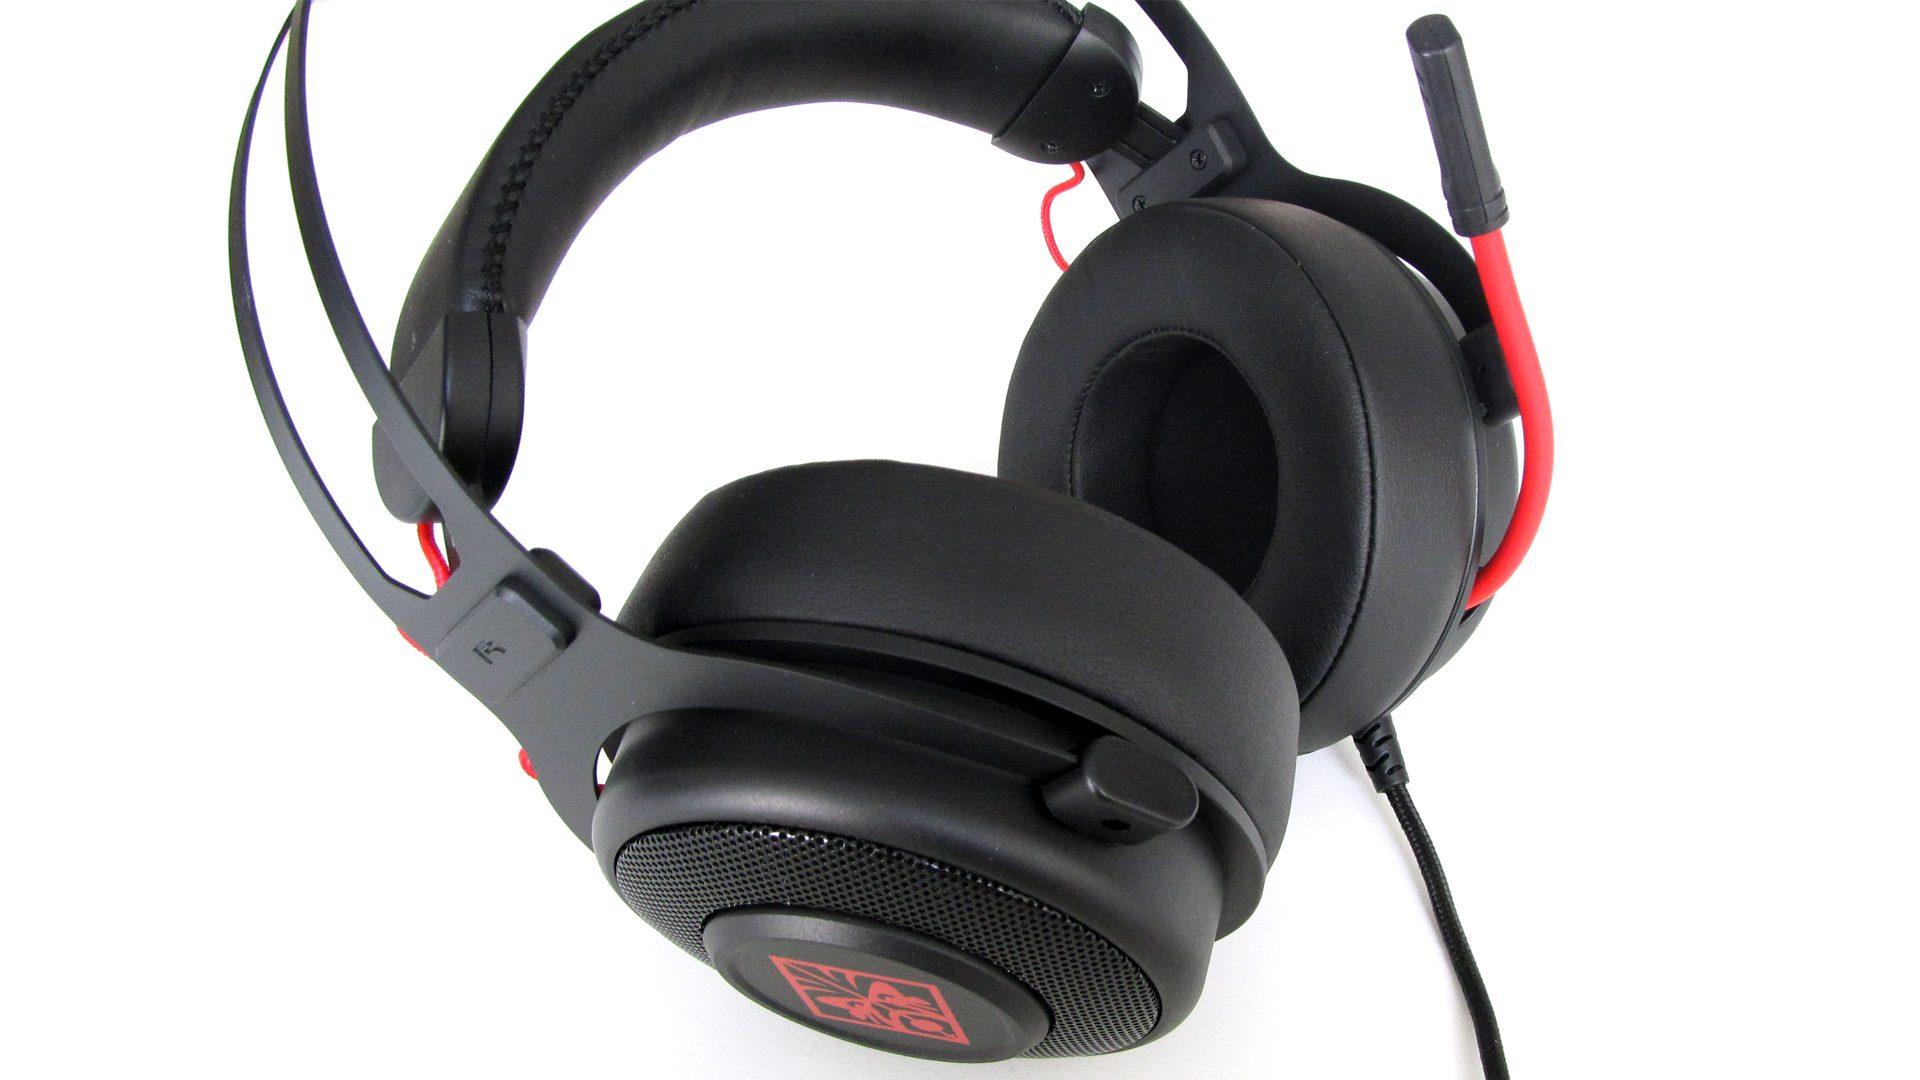 OMEN-Zubehoer-neu-Headset_8